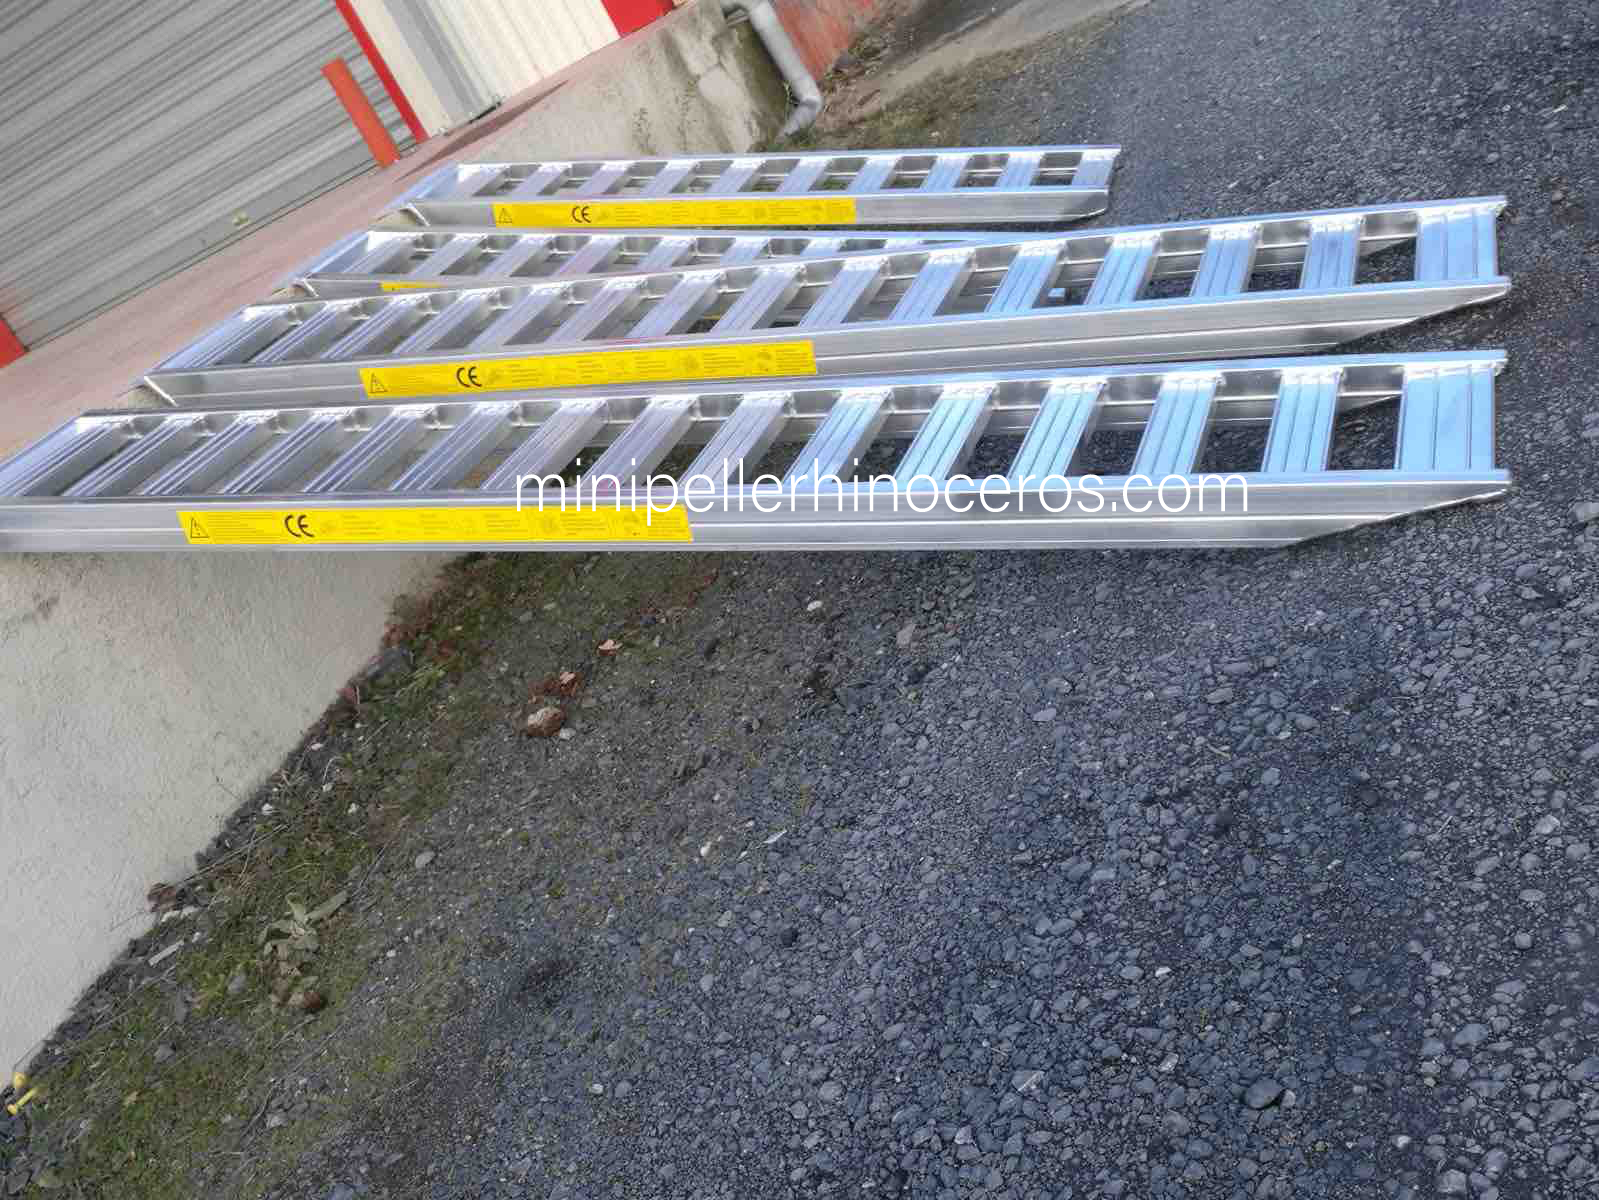 Ejemplo de rampas de aluminio para cargas pesadas